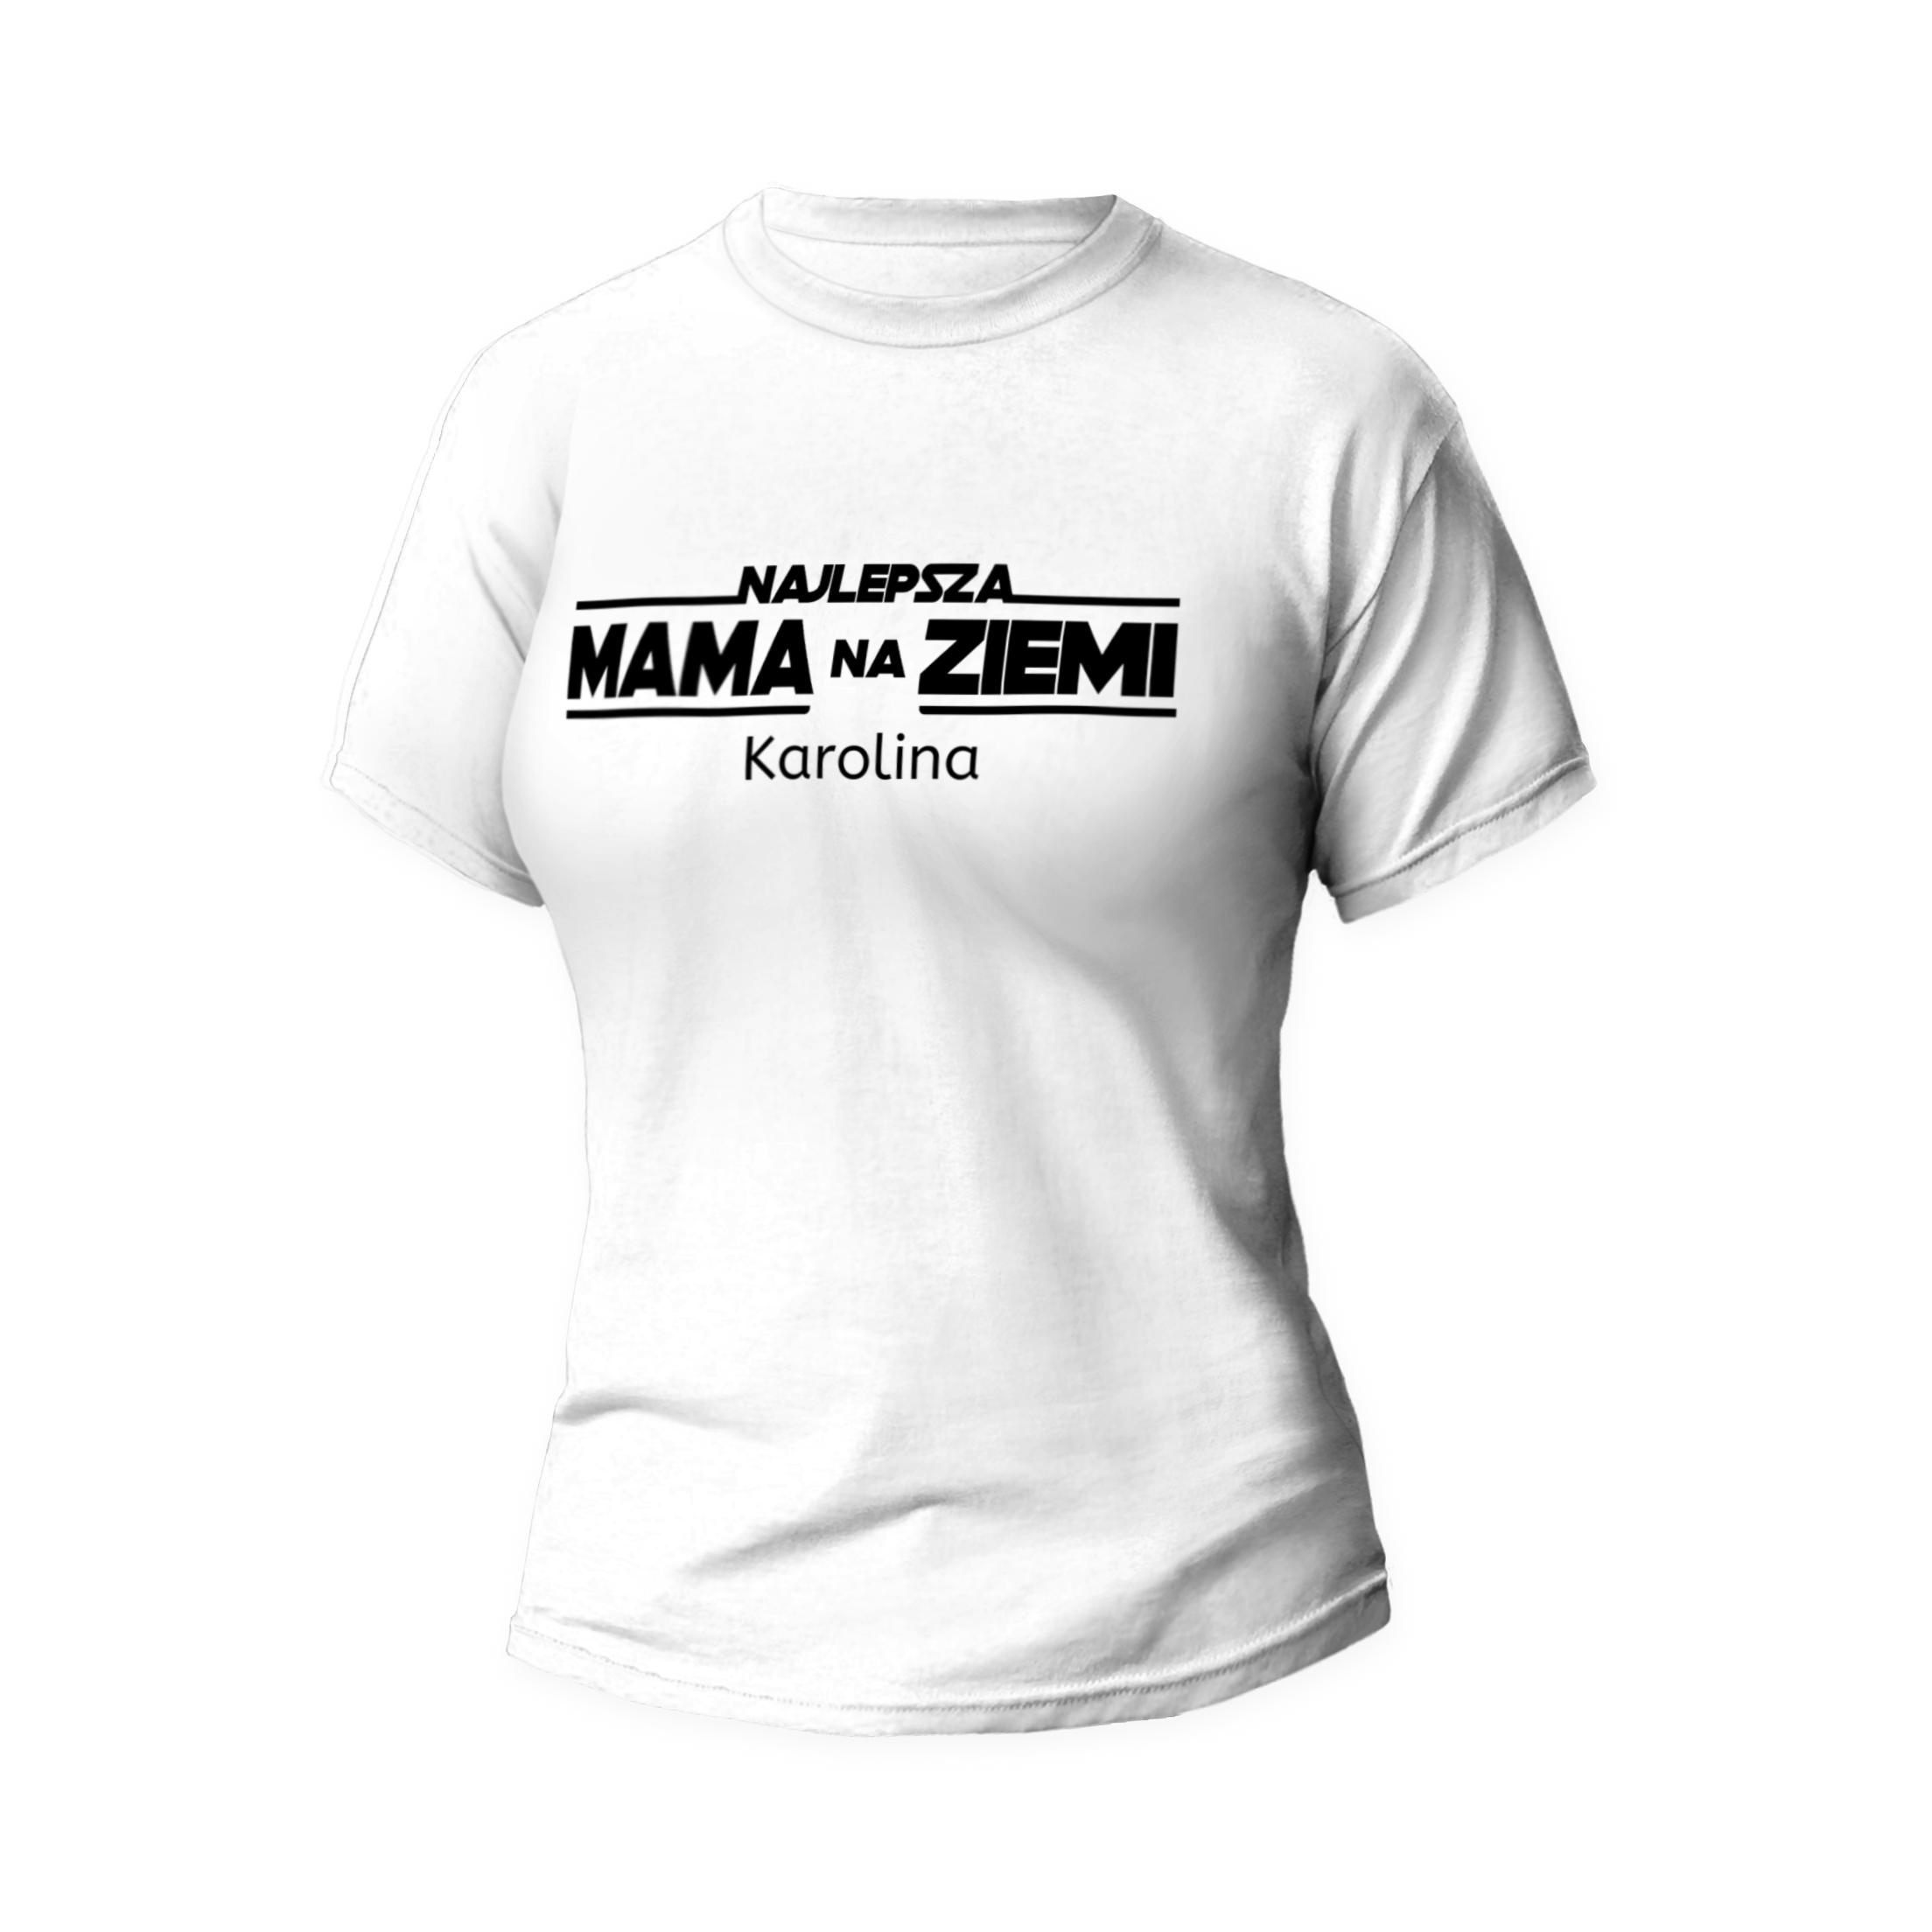 Rozmiar S - koszulka damska z własnym nadrukiem - Najlepsza mama na ziemi - biała